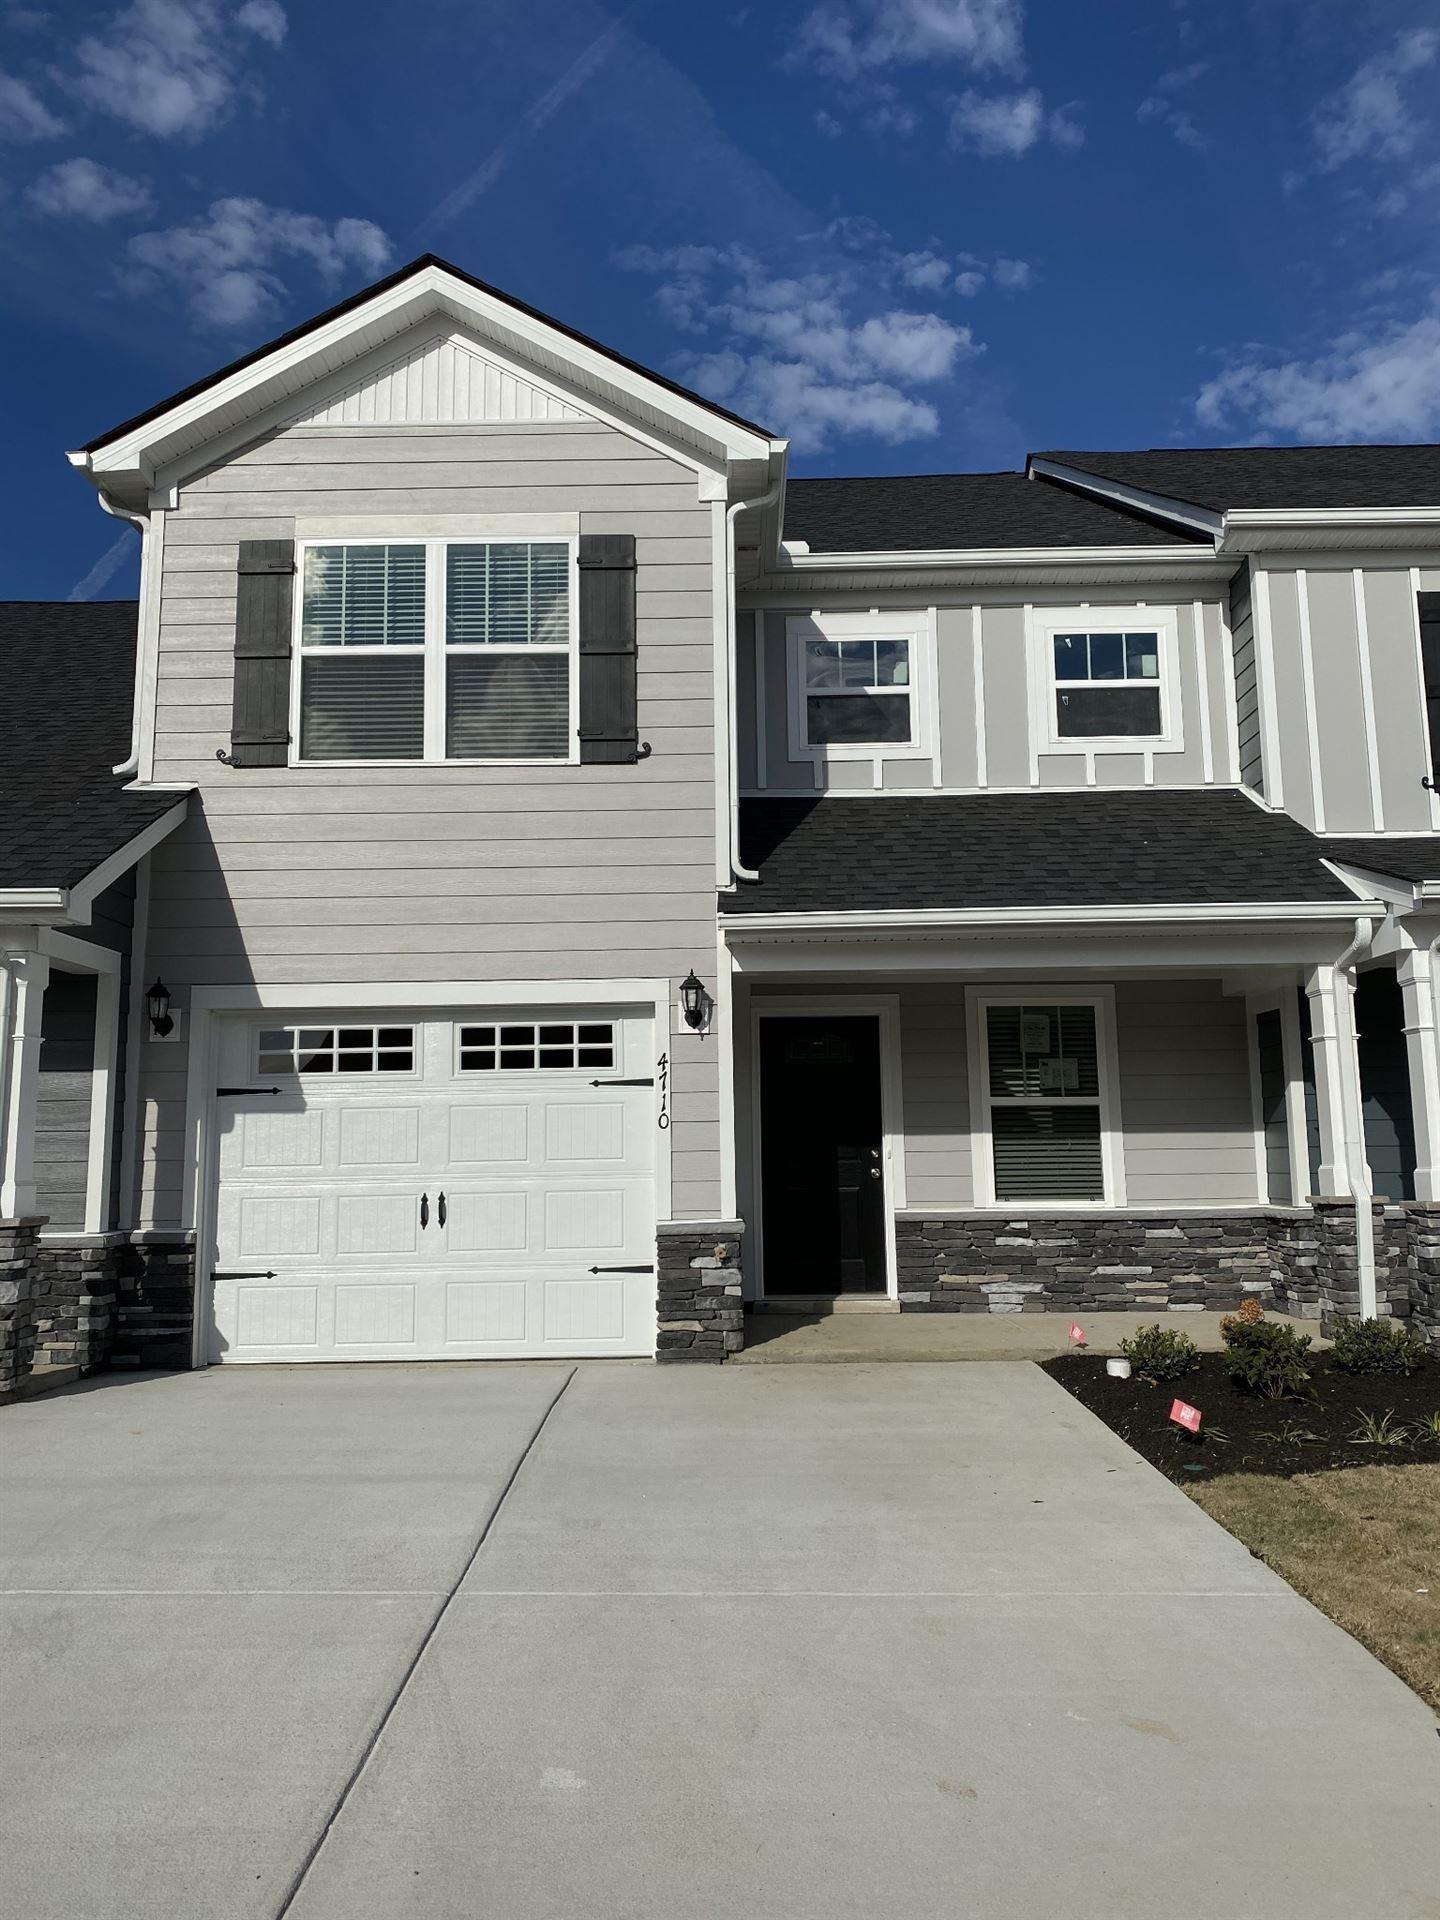 Photo for 1627 Calypso Drive Lot 53 #53, Murfreesboro, TN 37128 (MLS # 2193364)